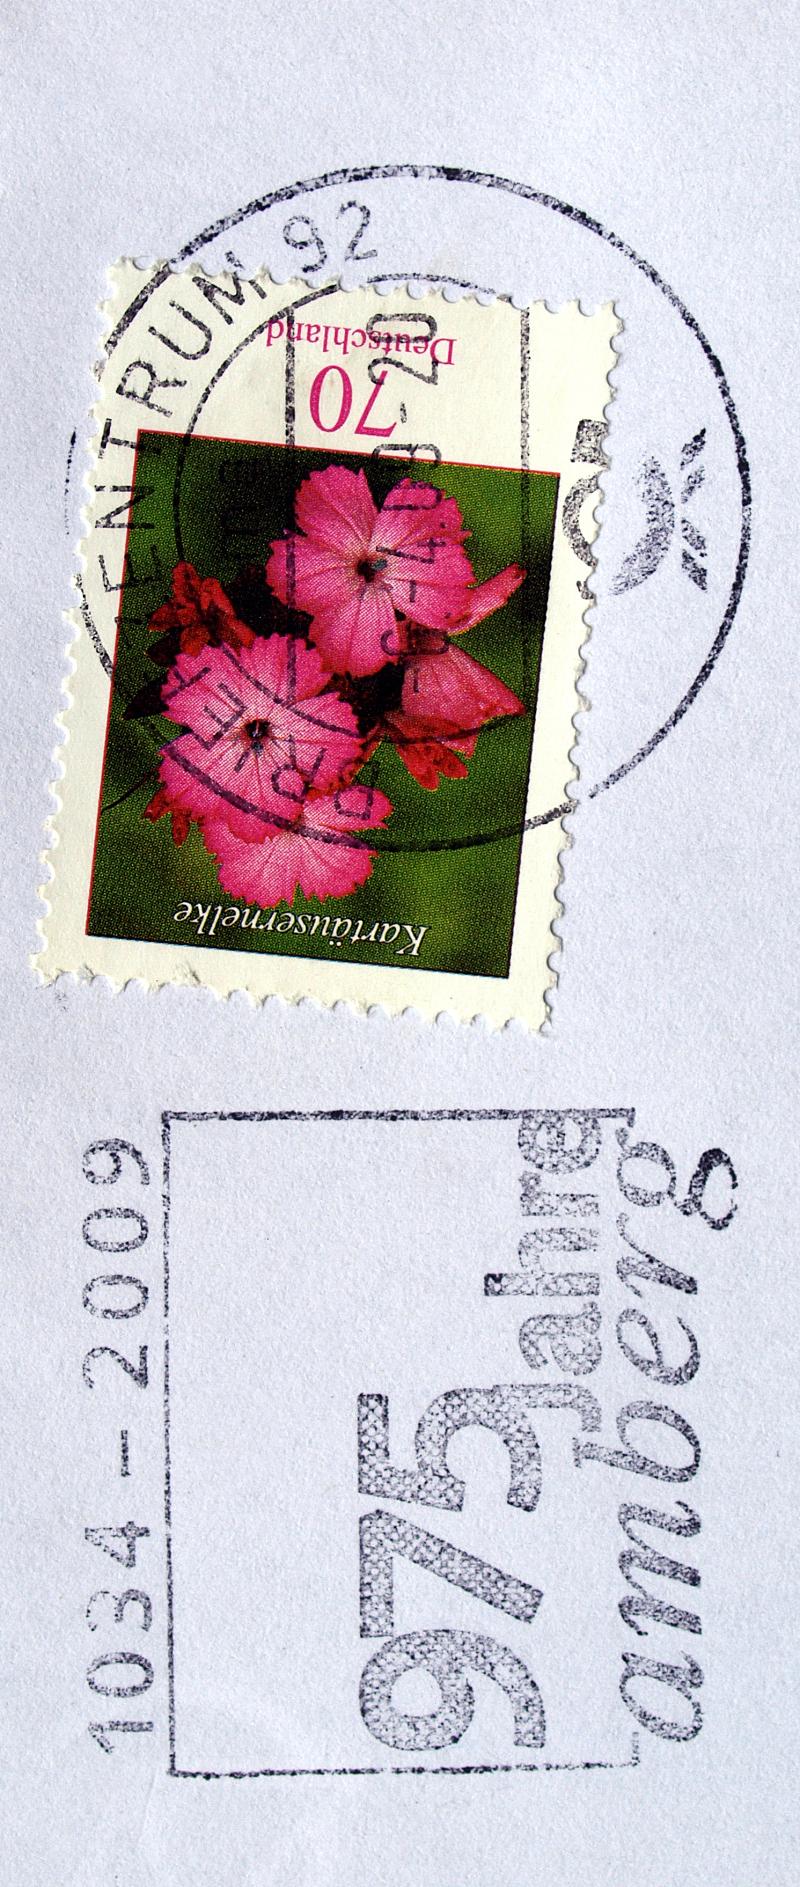 德国,水平画幅,邮件,无人,全景,欧洲,信封,摄影